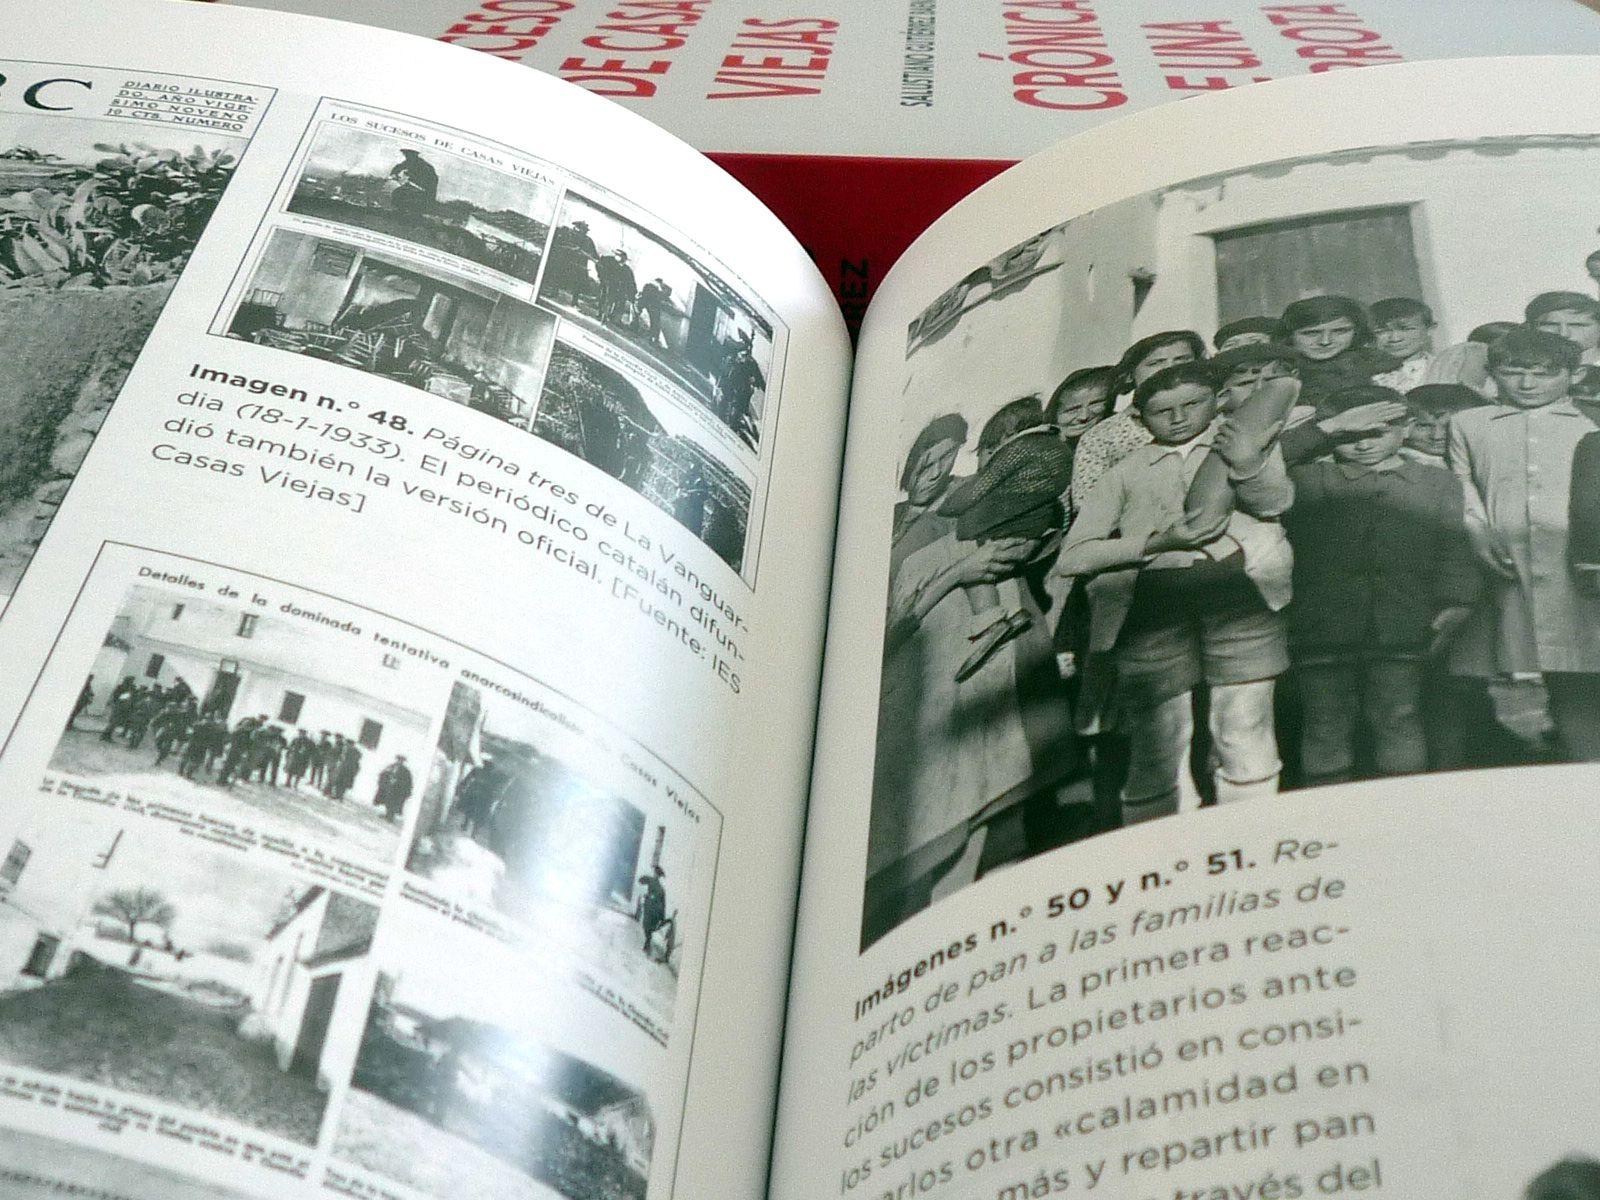 El libro contiene 104 imágenes ampliamente comentadas que suponen un recorrido visual por la iconografía de este episodio y sus pormenores.